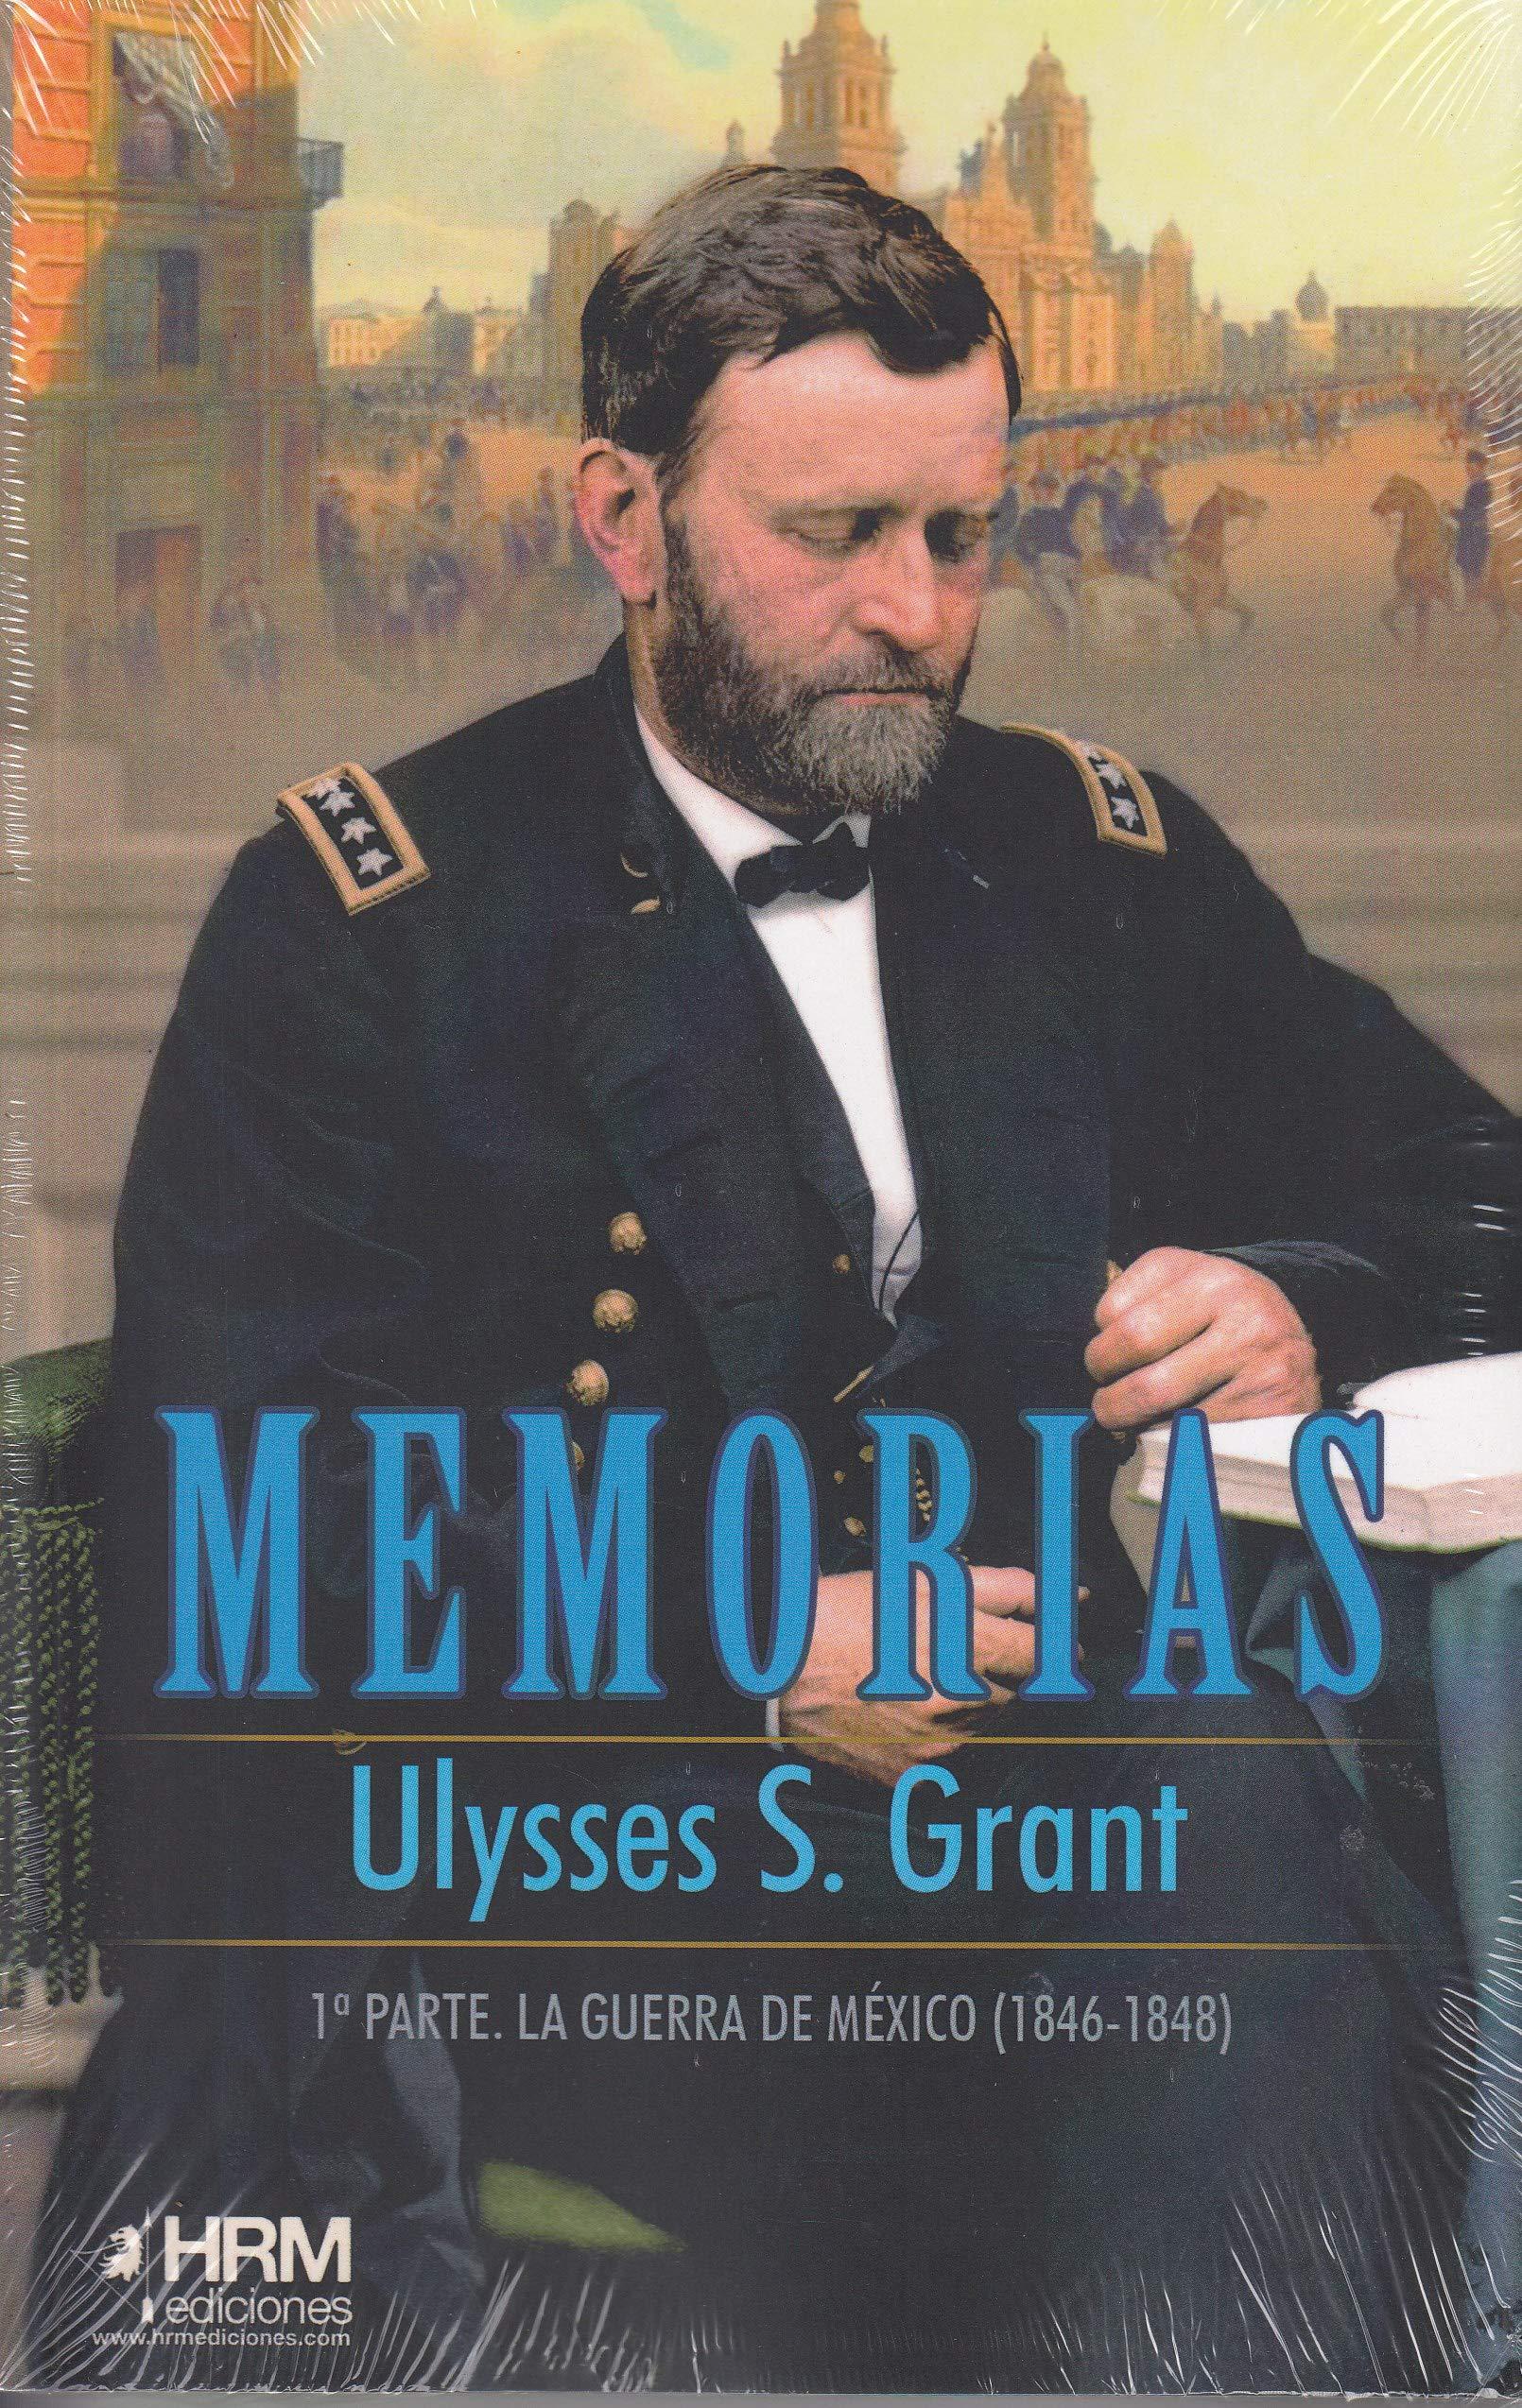 Memorias: 1ª Parte. La guerra de Méjico (1846-1848)